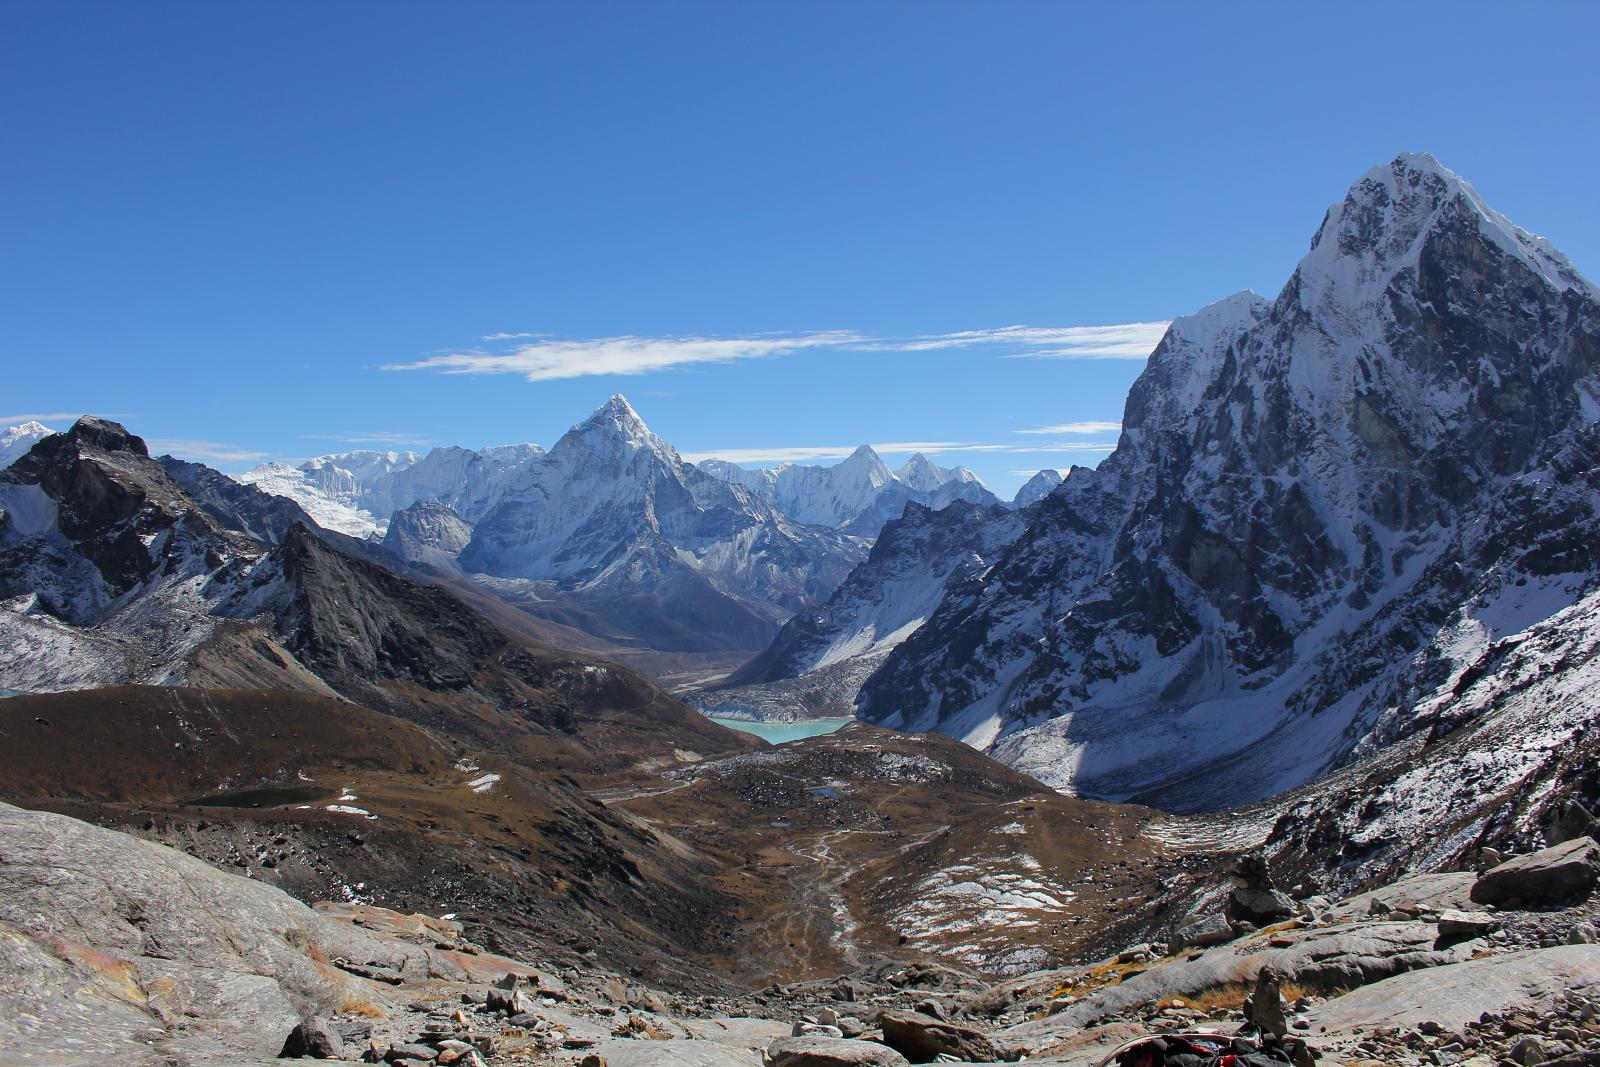 Cho La Pass in Nepal Himalaya